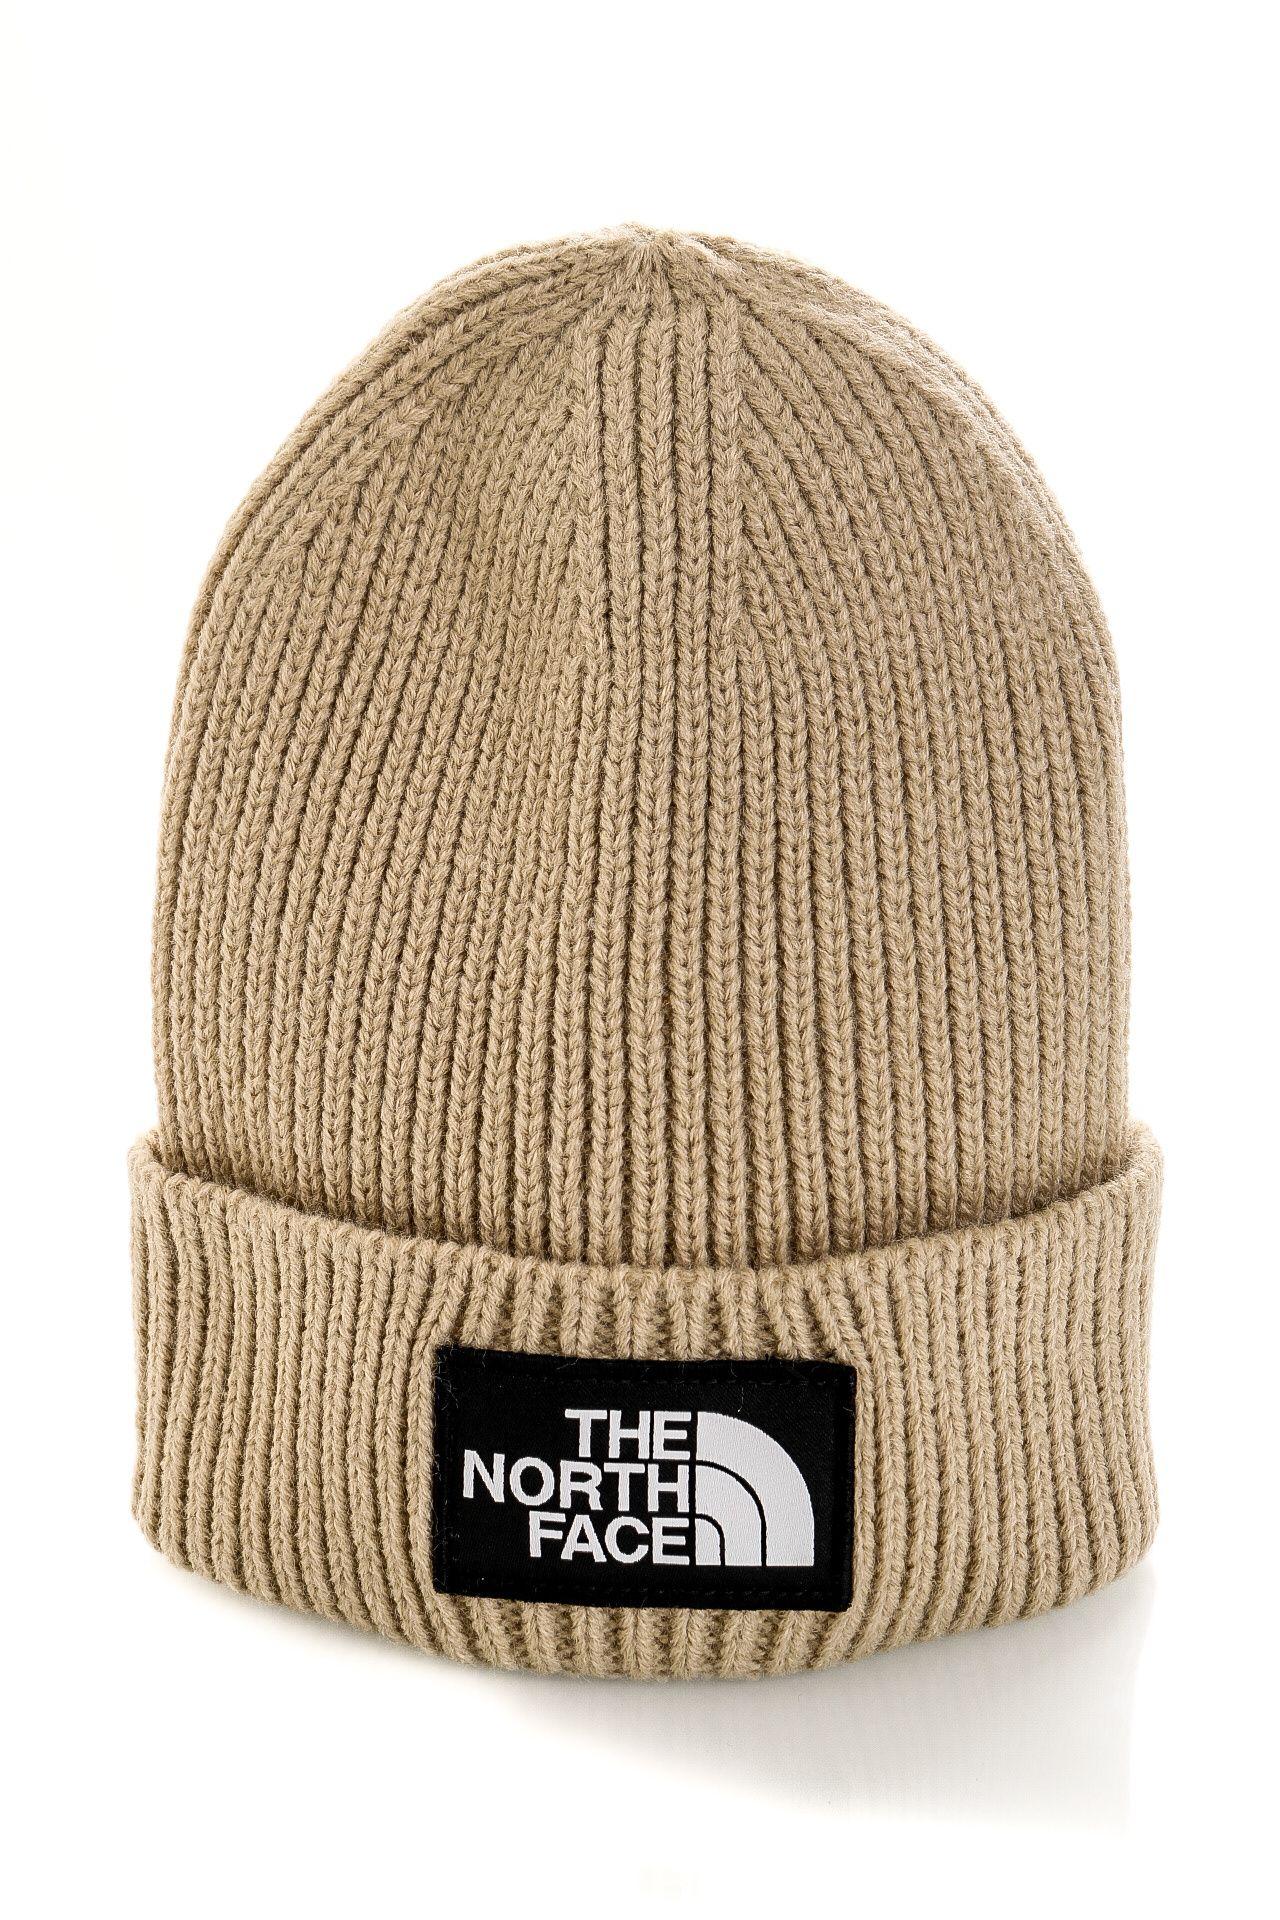 Afbeelding van The North Face Muts TNF LOGO BOX CUFFED REG FLAX NF0A3FJXCEL1